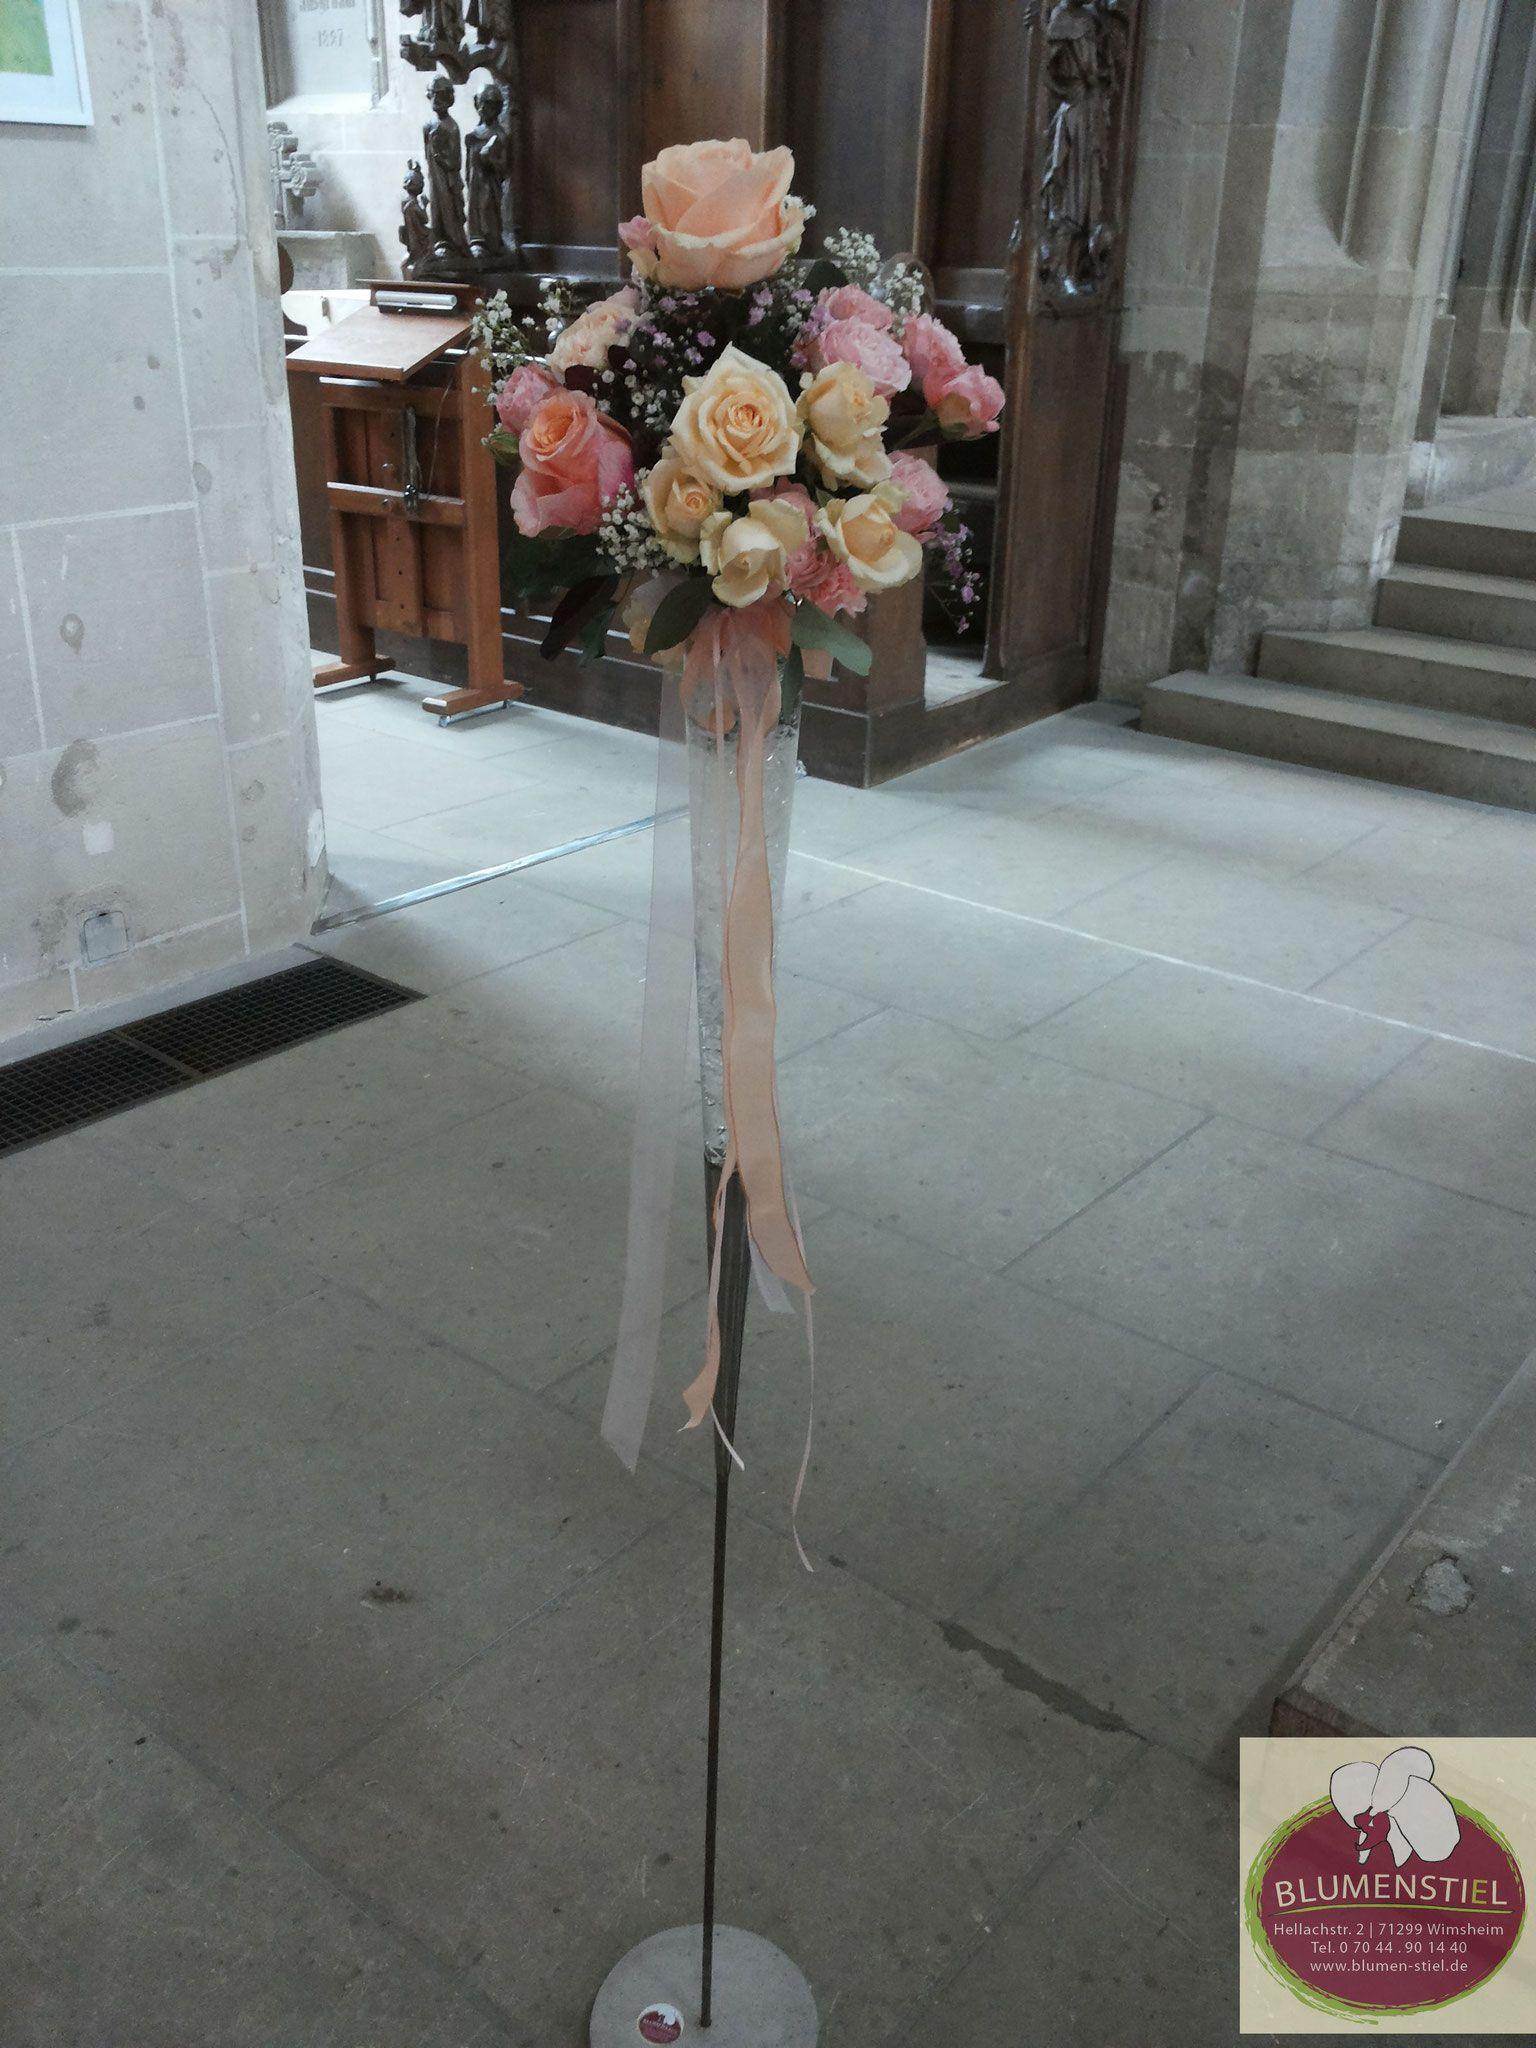 Glasstander Mit Blumengesteck Im Farbschema Apricot Koralle Perfekt Als Raumschmuck In Der Kirche Oder Blumen Gestecke Blumengestecke Blumengestecke Hochzeit